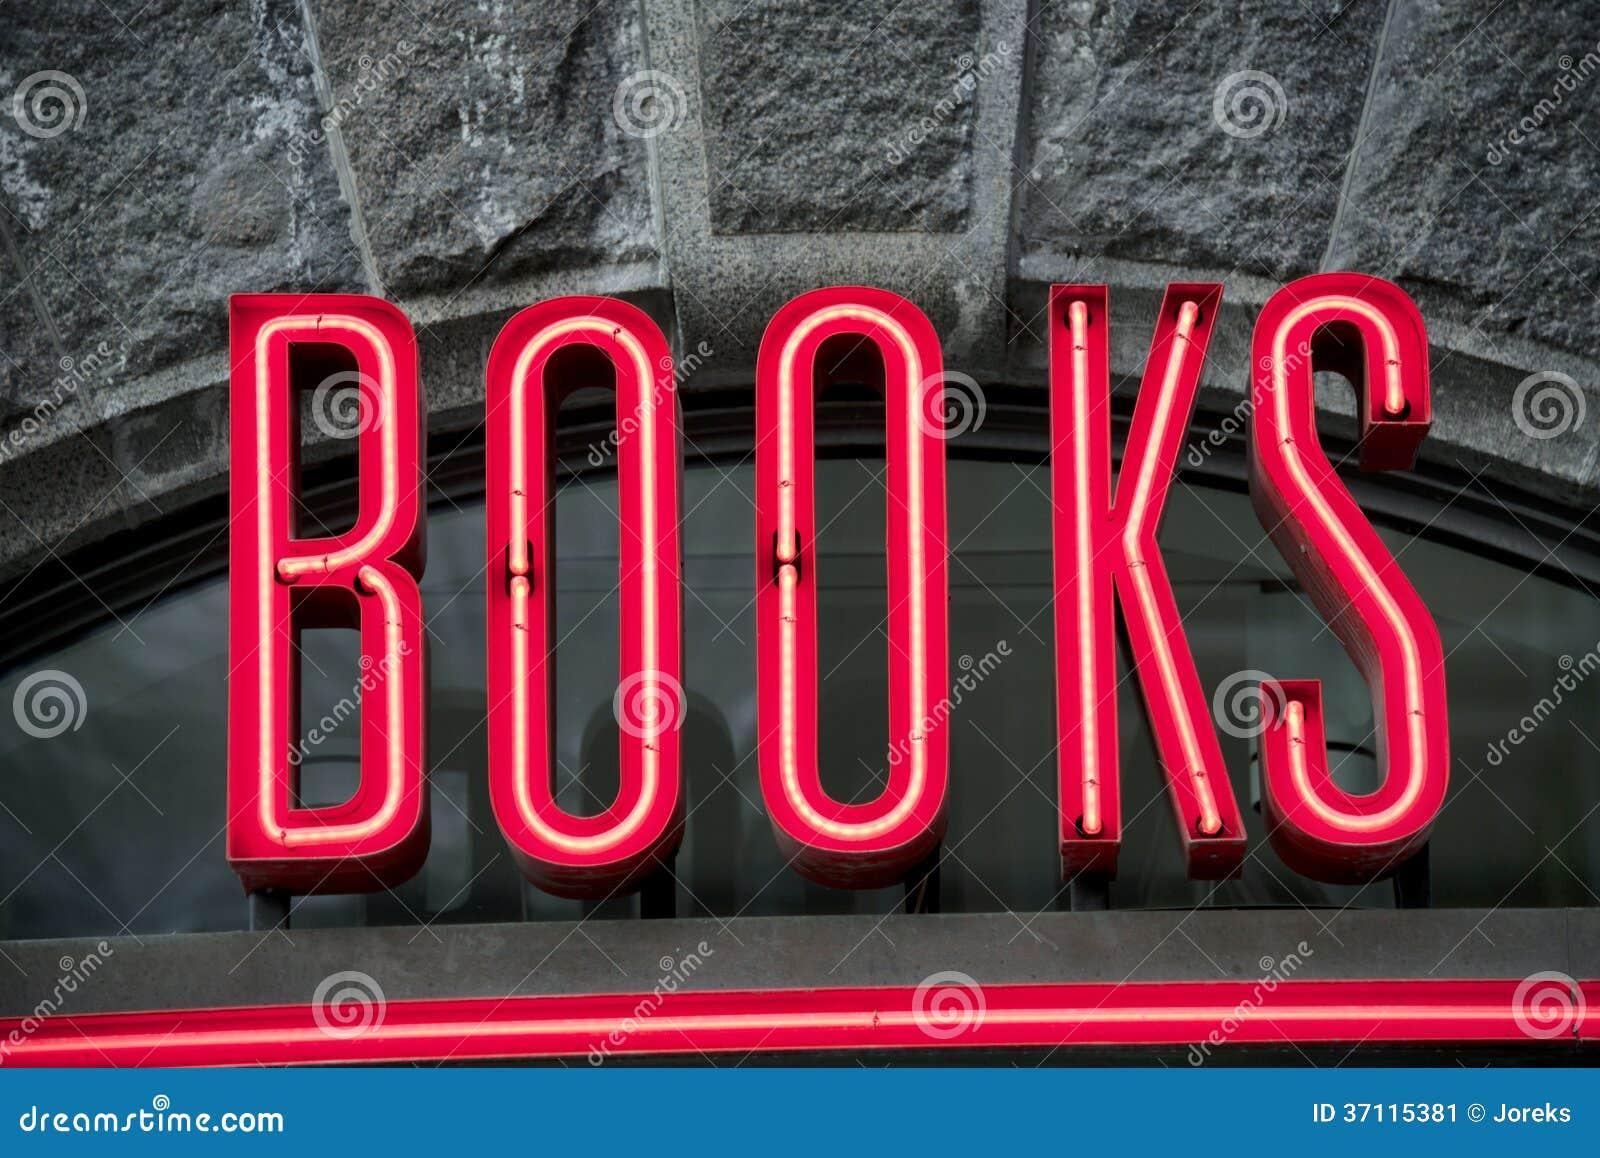 sign books neon bookstore